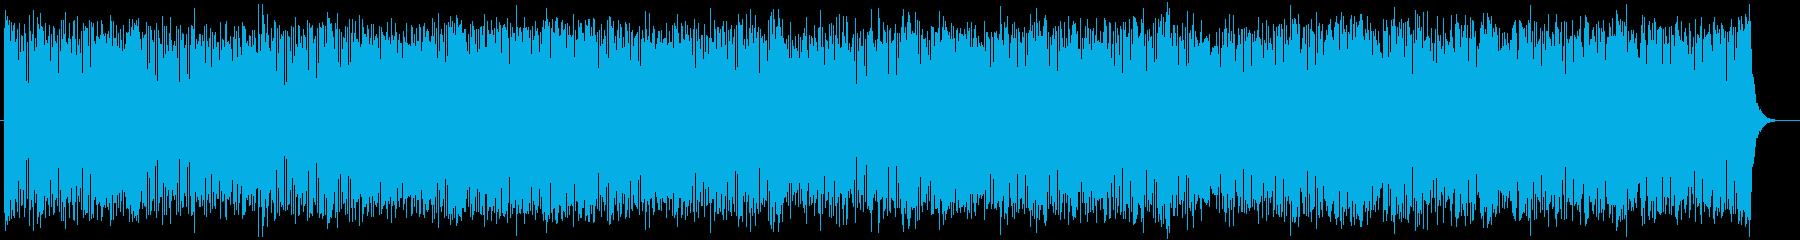 激しく疾走感のあるシンセテクノの再生済みの波形